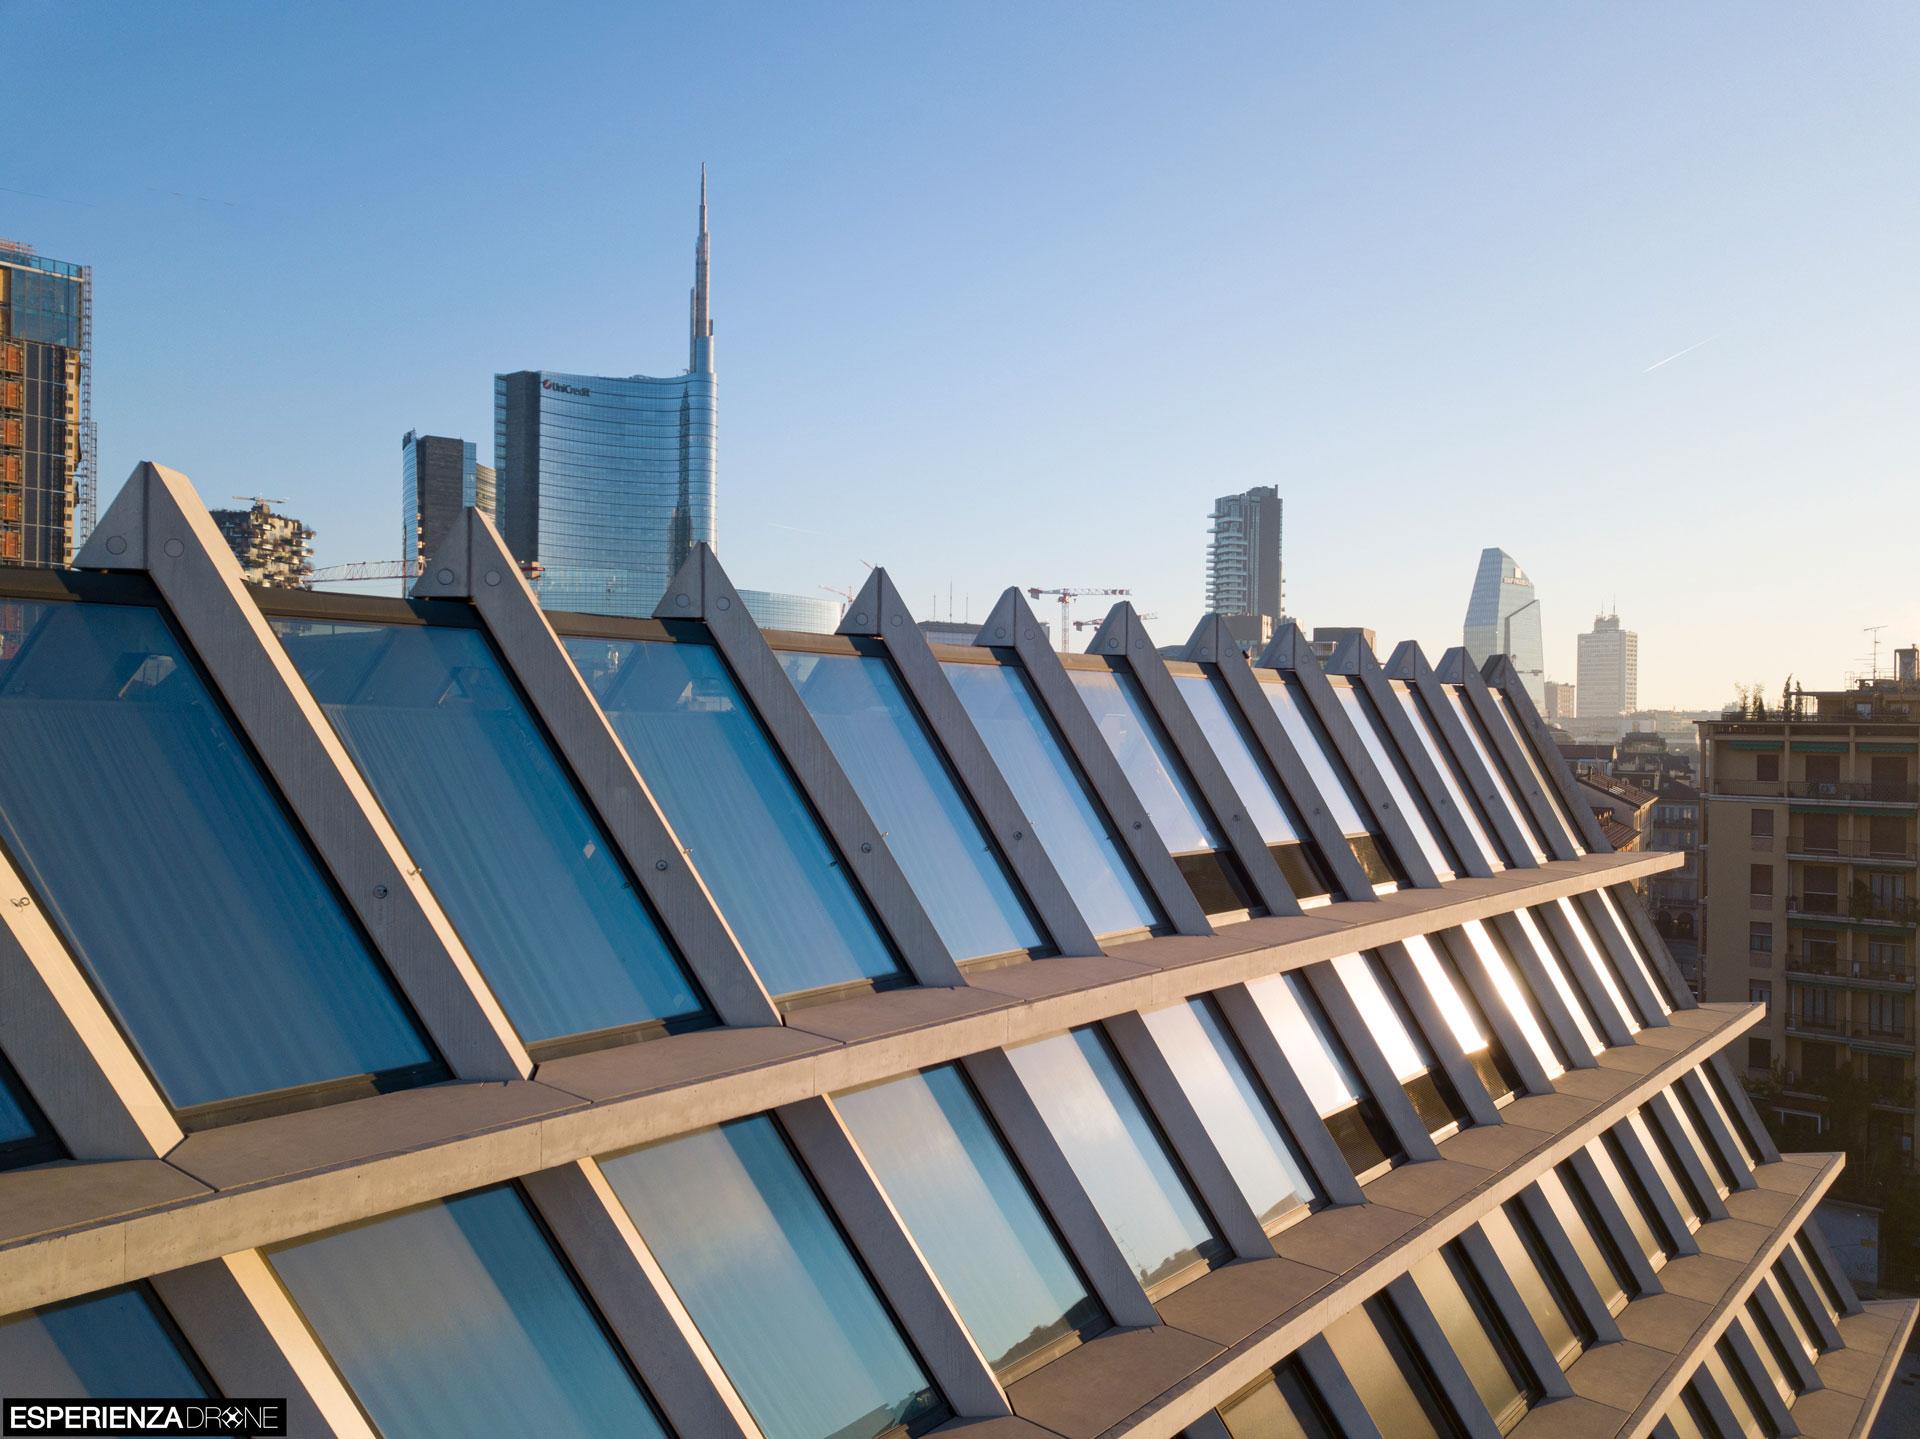 esperienza drone immagine portfolio architettura edificio feltrinelli tetto laterale milano 2.jpg